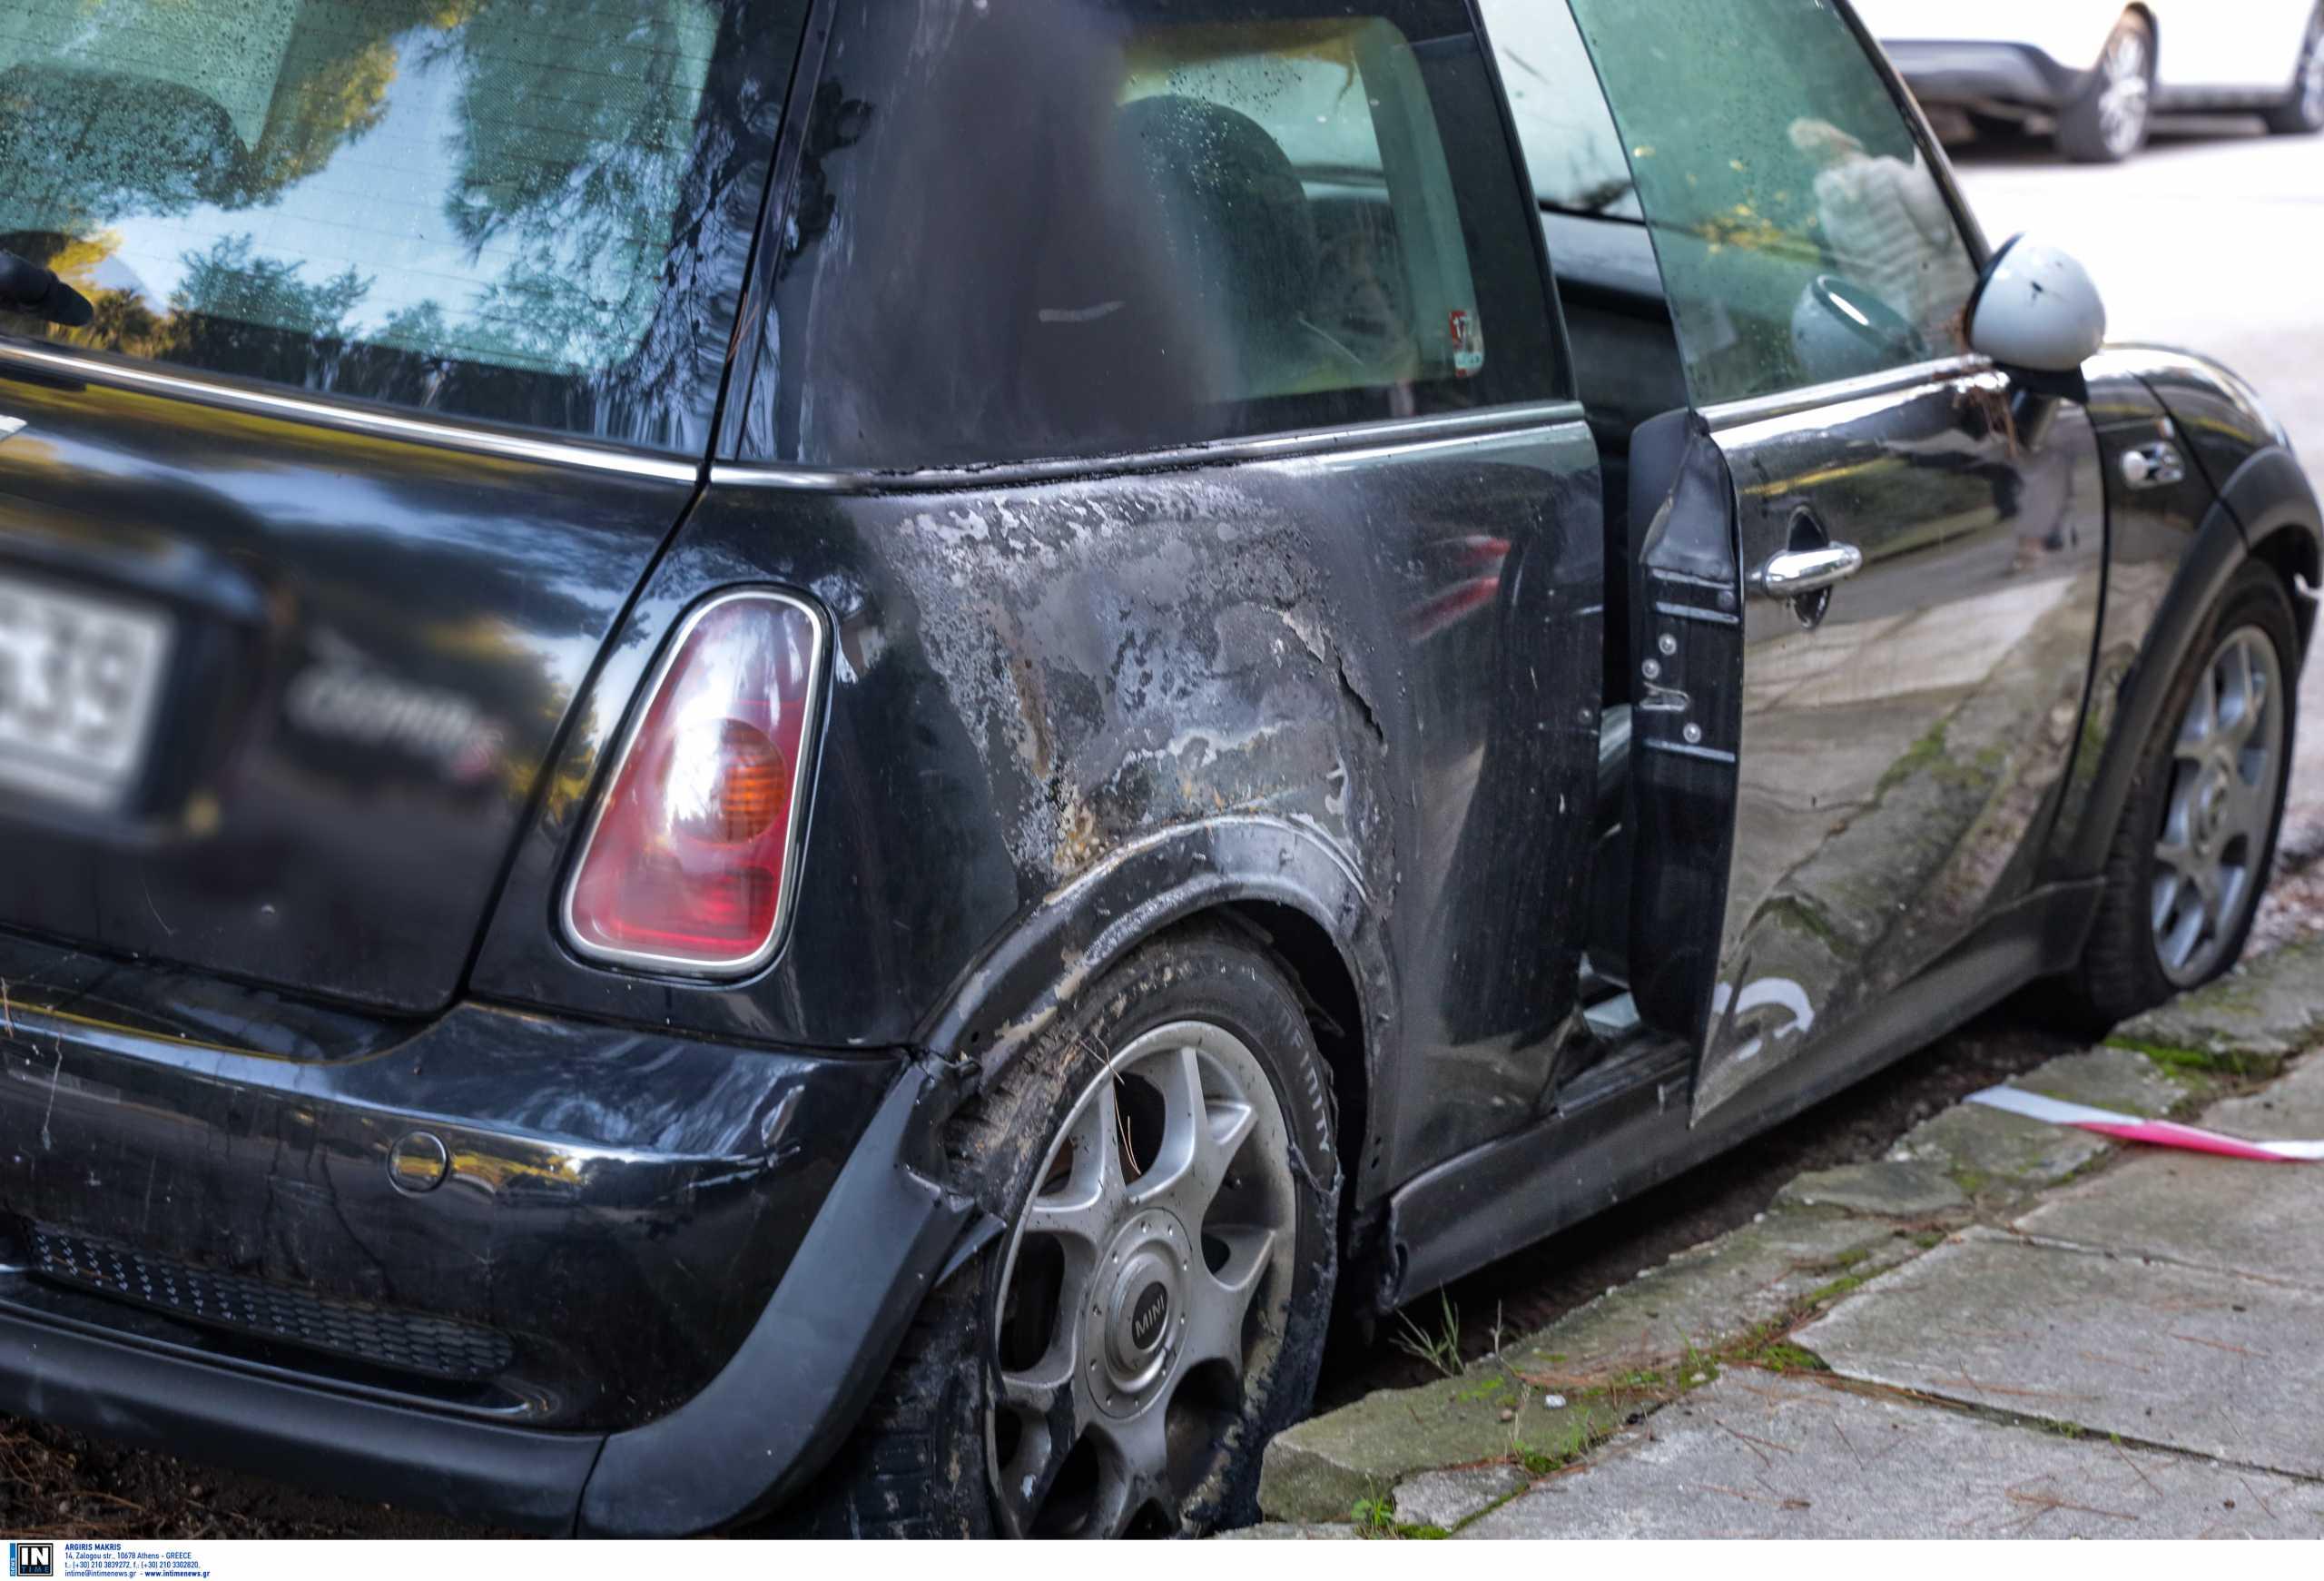 Έρευνα: Γιατί οι γυναίκες οδηγοί έχουν περισσότερες πιθανότητες να τραυματιστούν σε ένα τροχαίο